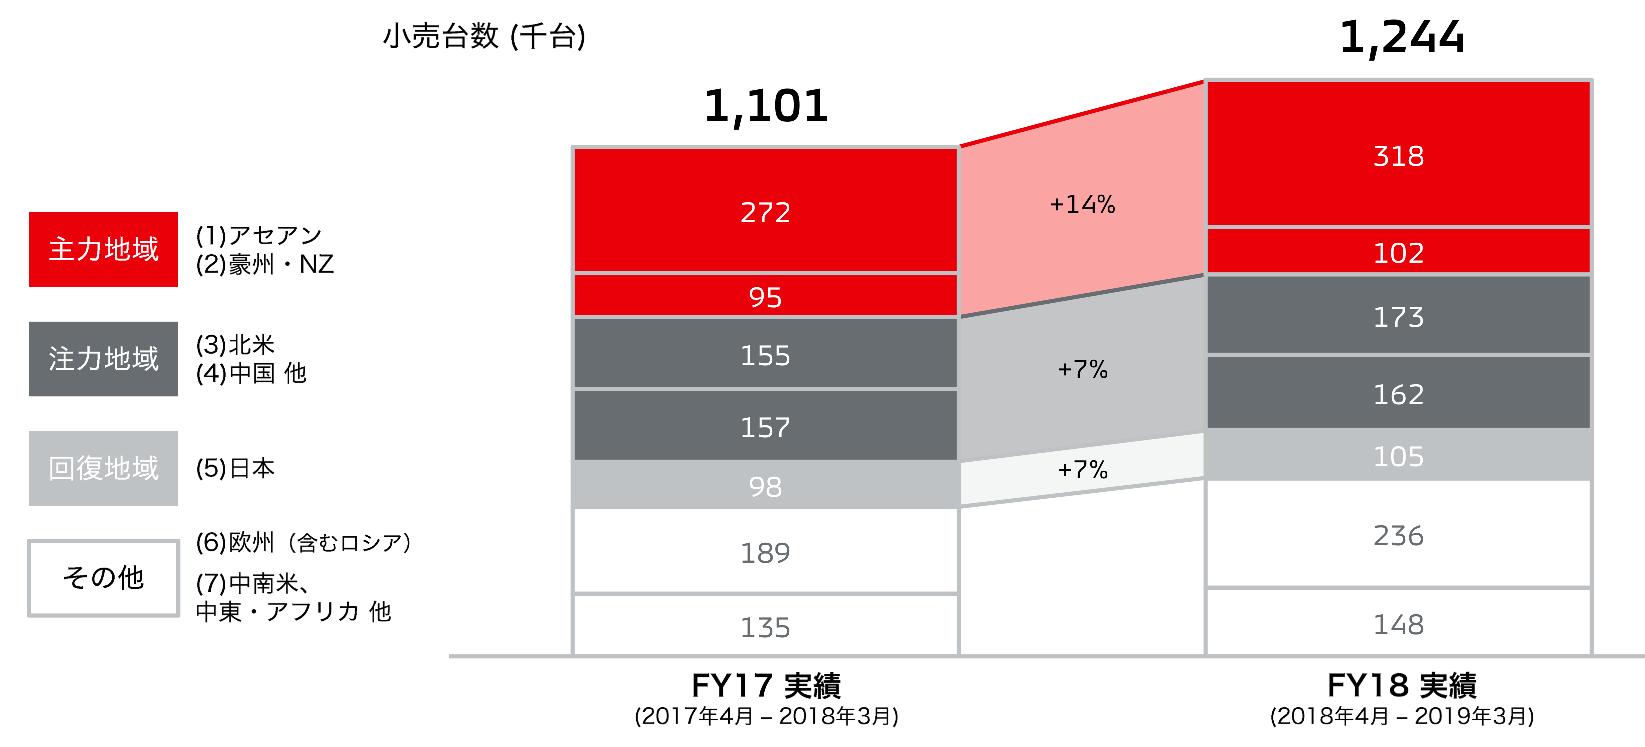 三菱自動車の販売台数の拡大